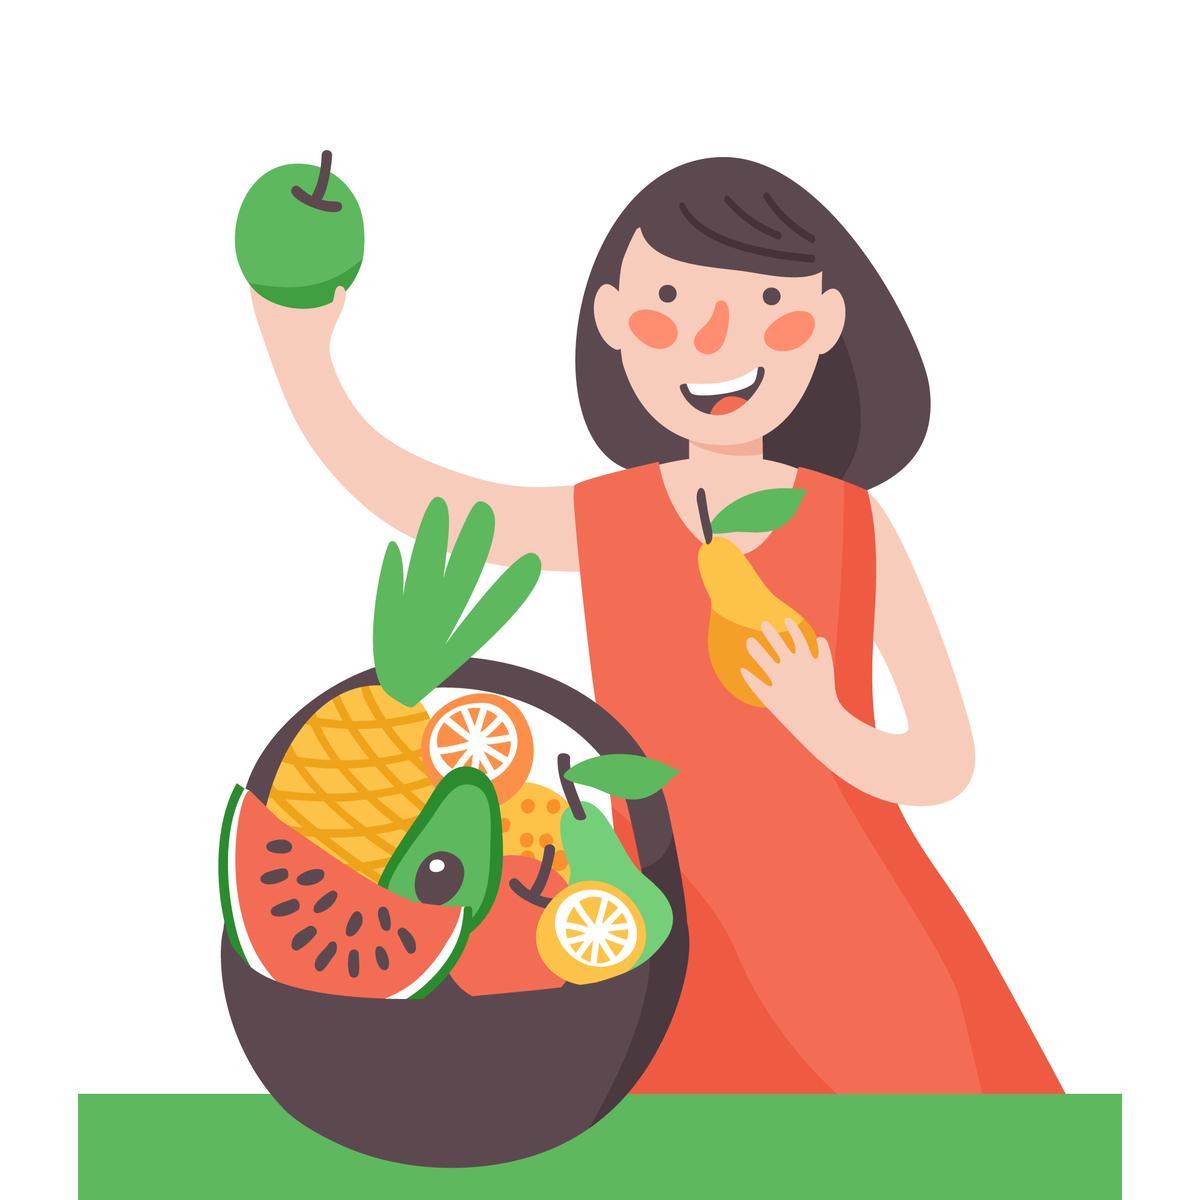 Înlocuirea gustărilor bogate în calorii cu fructe - în orice moment al zilei – este, de asemenea, o modalitate excelentă de accelera pierderea în greutate.